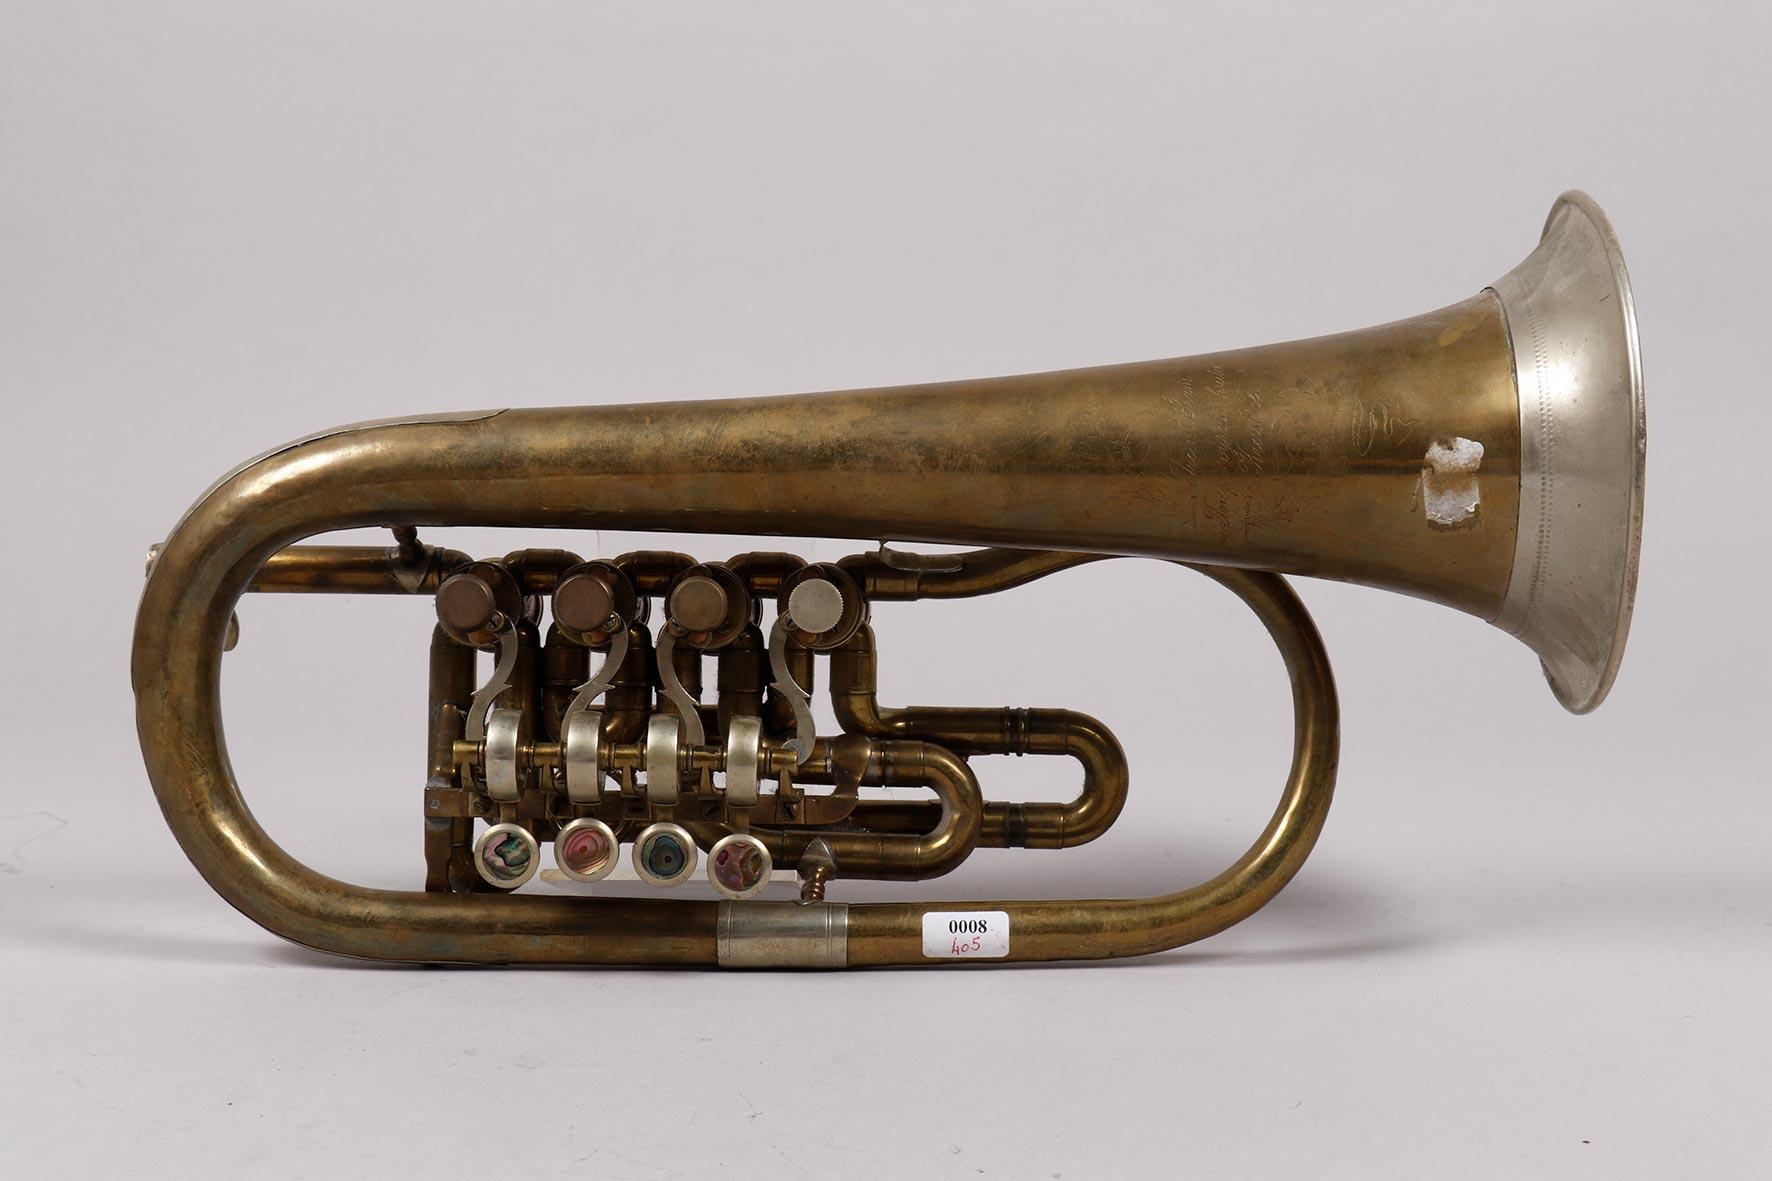 Bugle laiton en ut à quatre barillets, mécanisme maillechort, estampillé de Frant. SRAM Graslitz